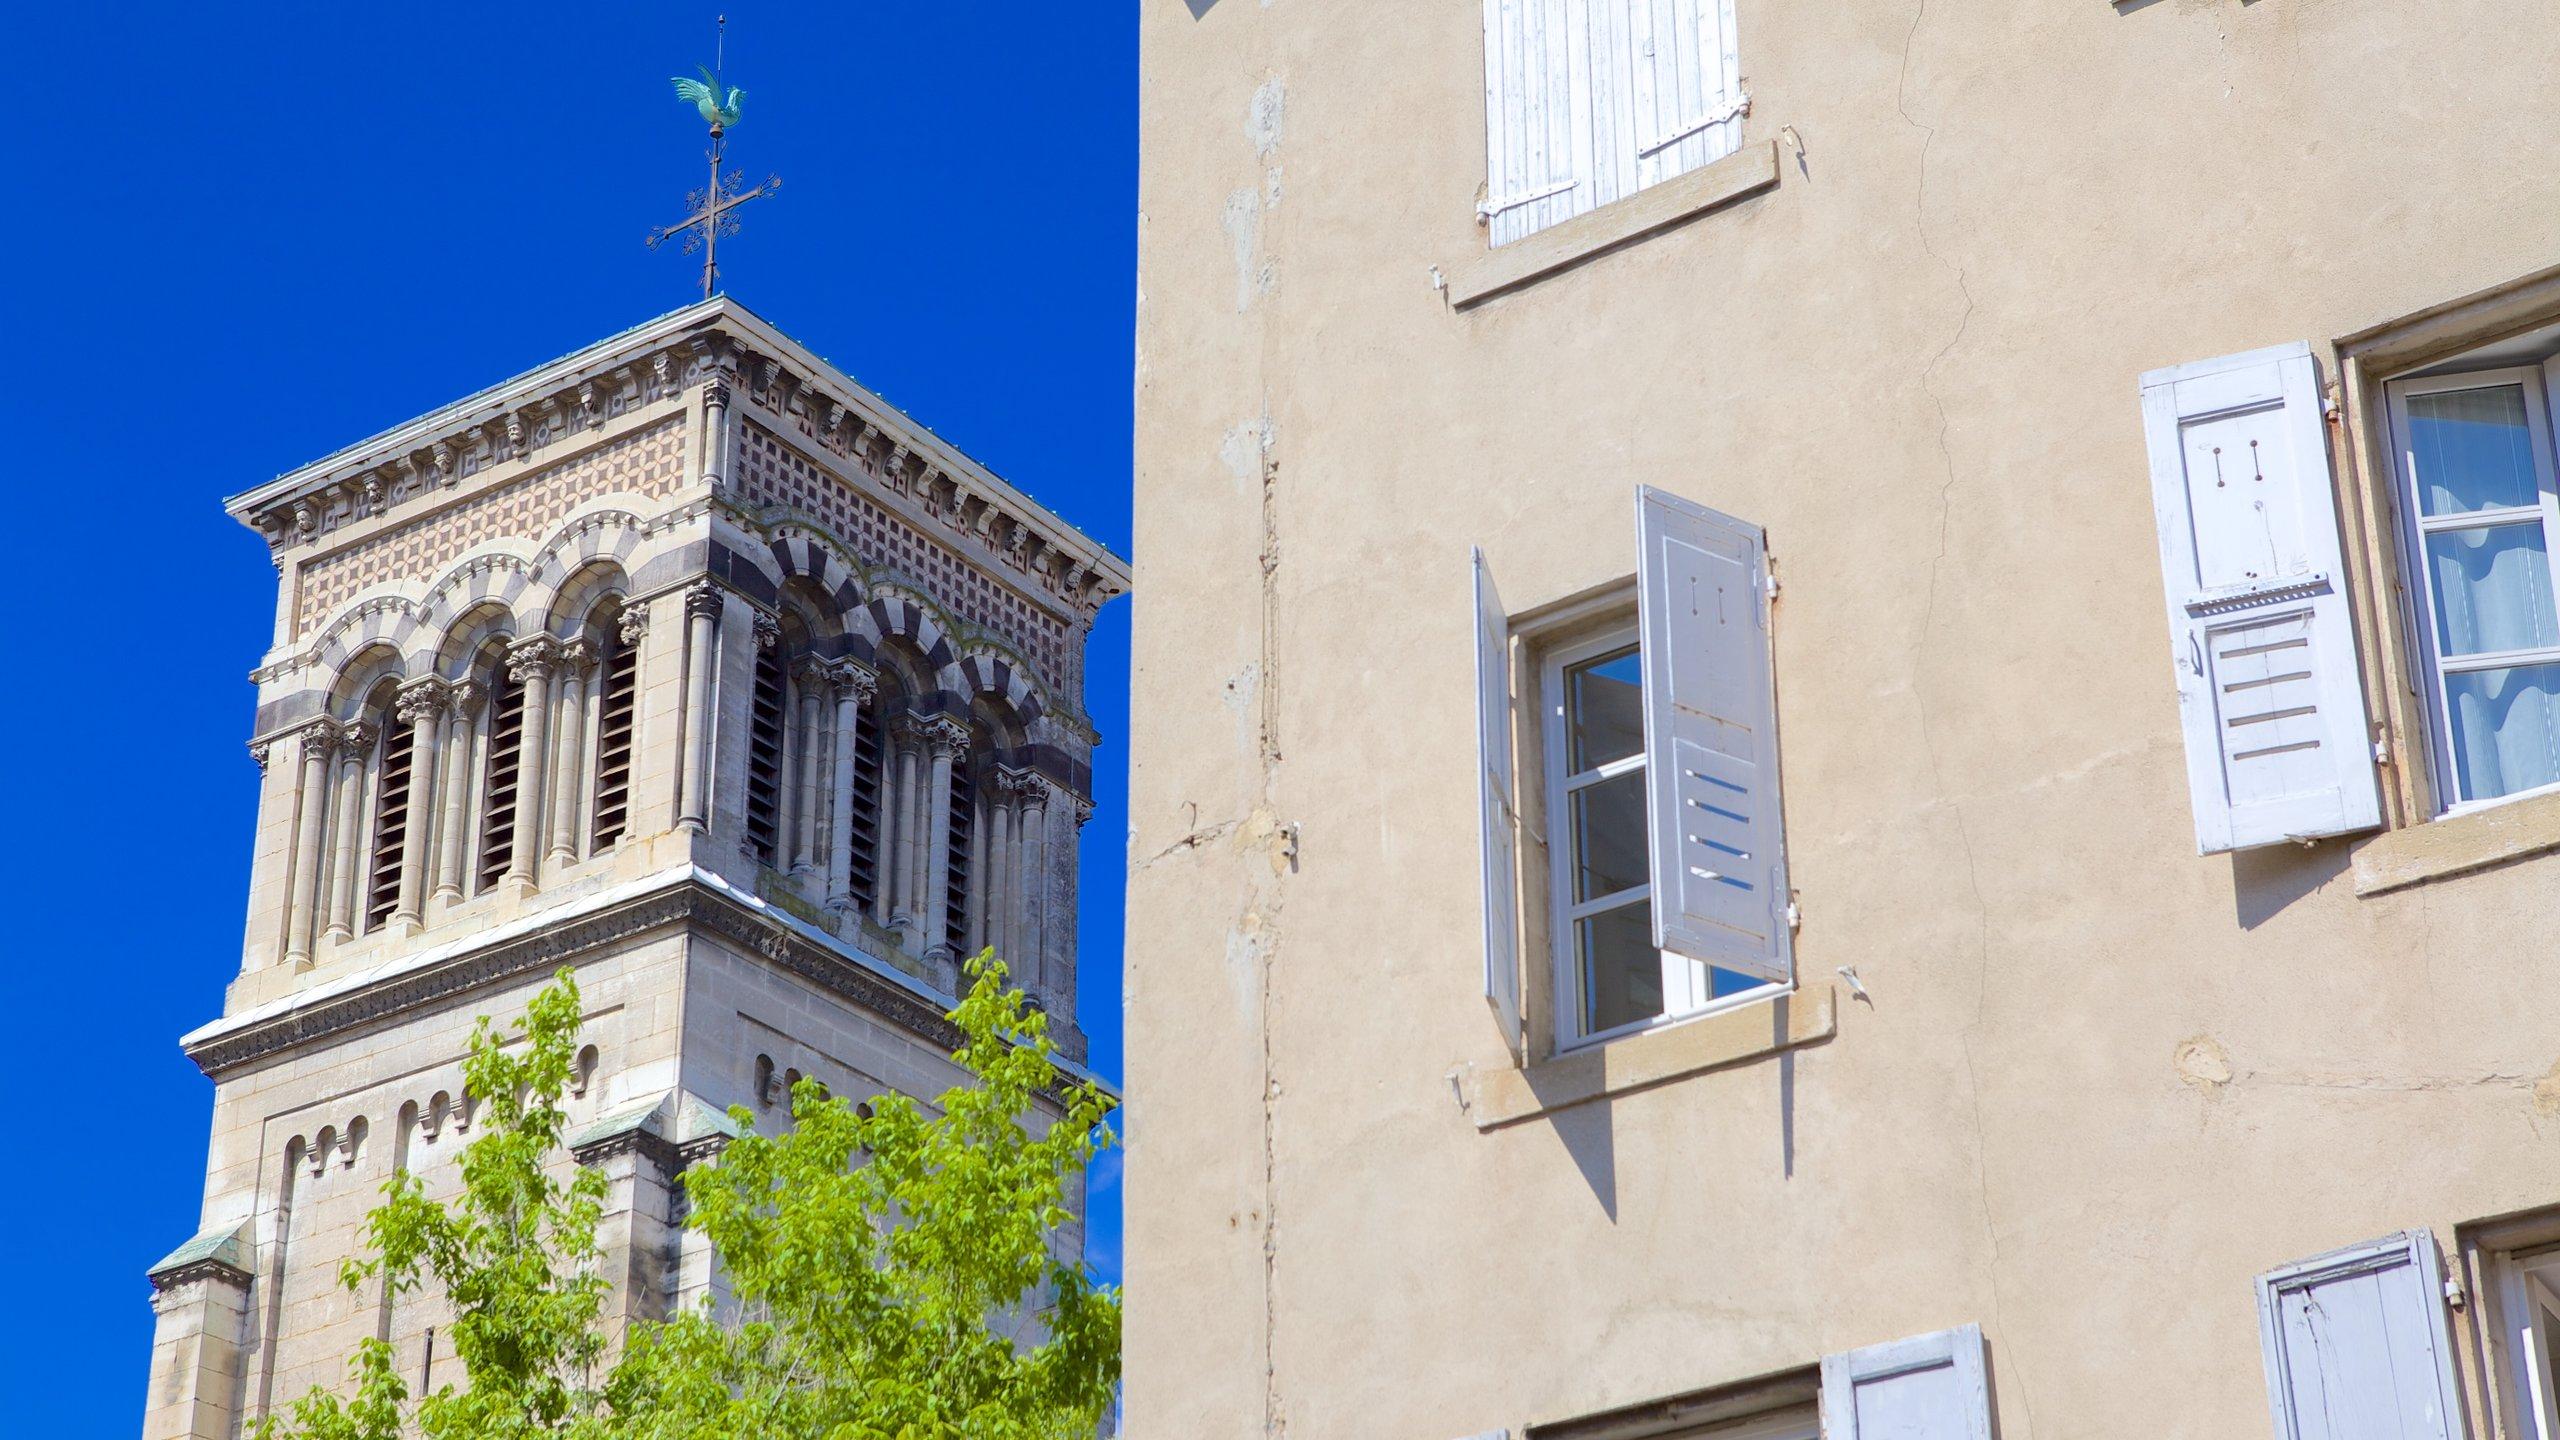 Valence, Drôme (Département), Frankreich